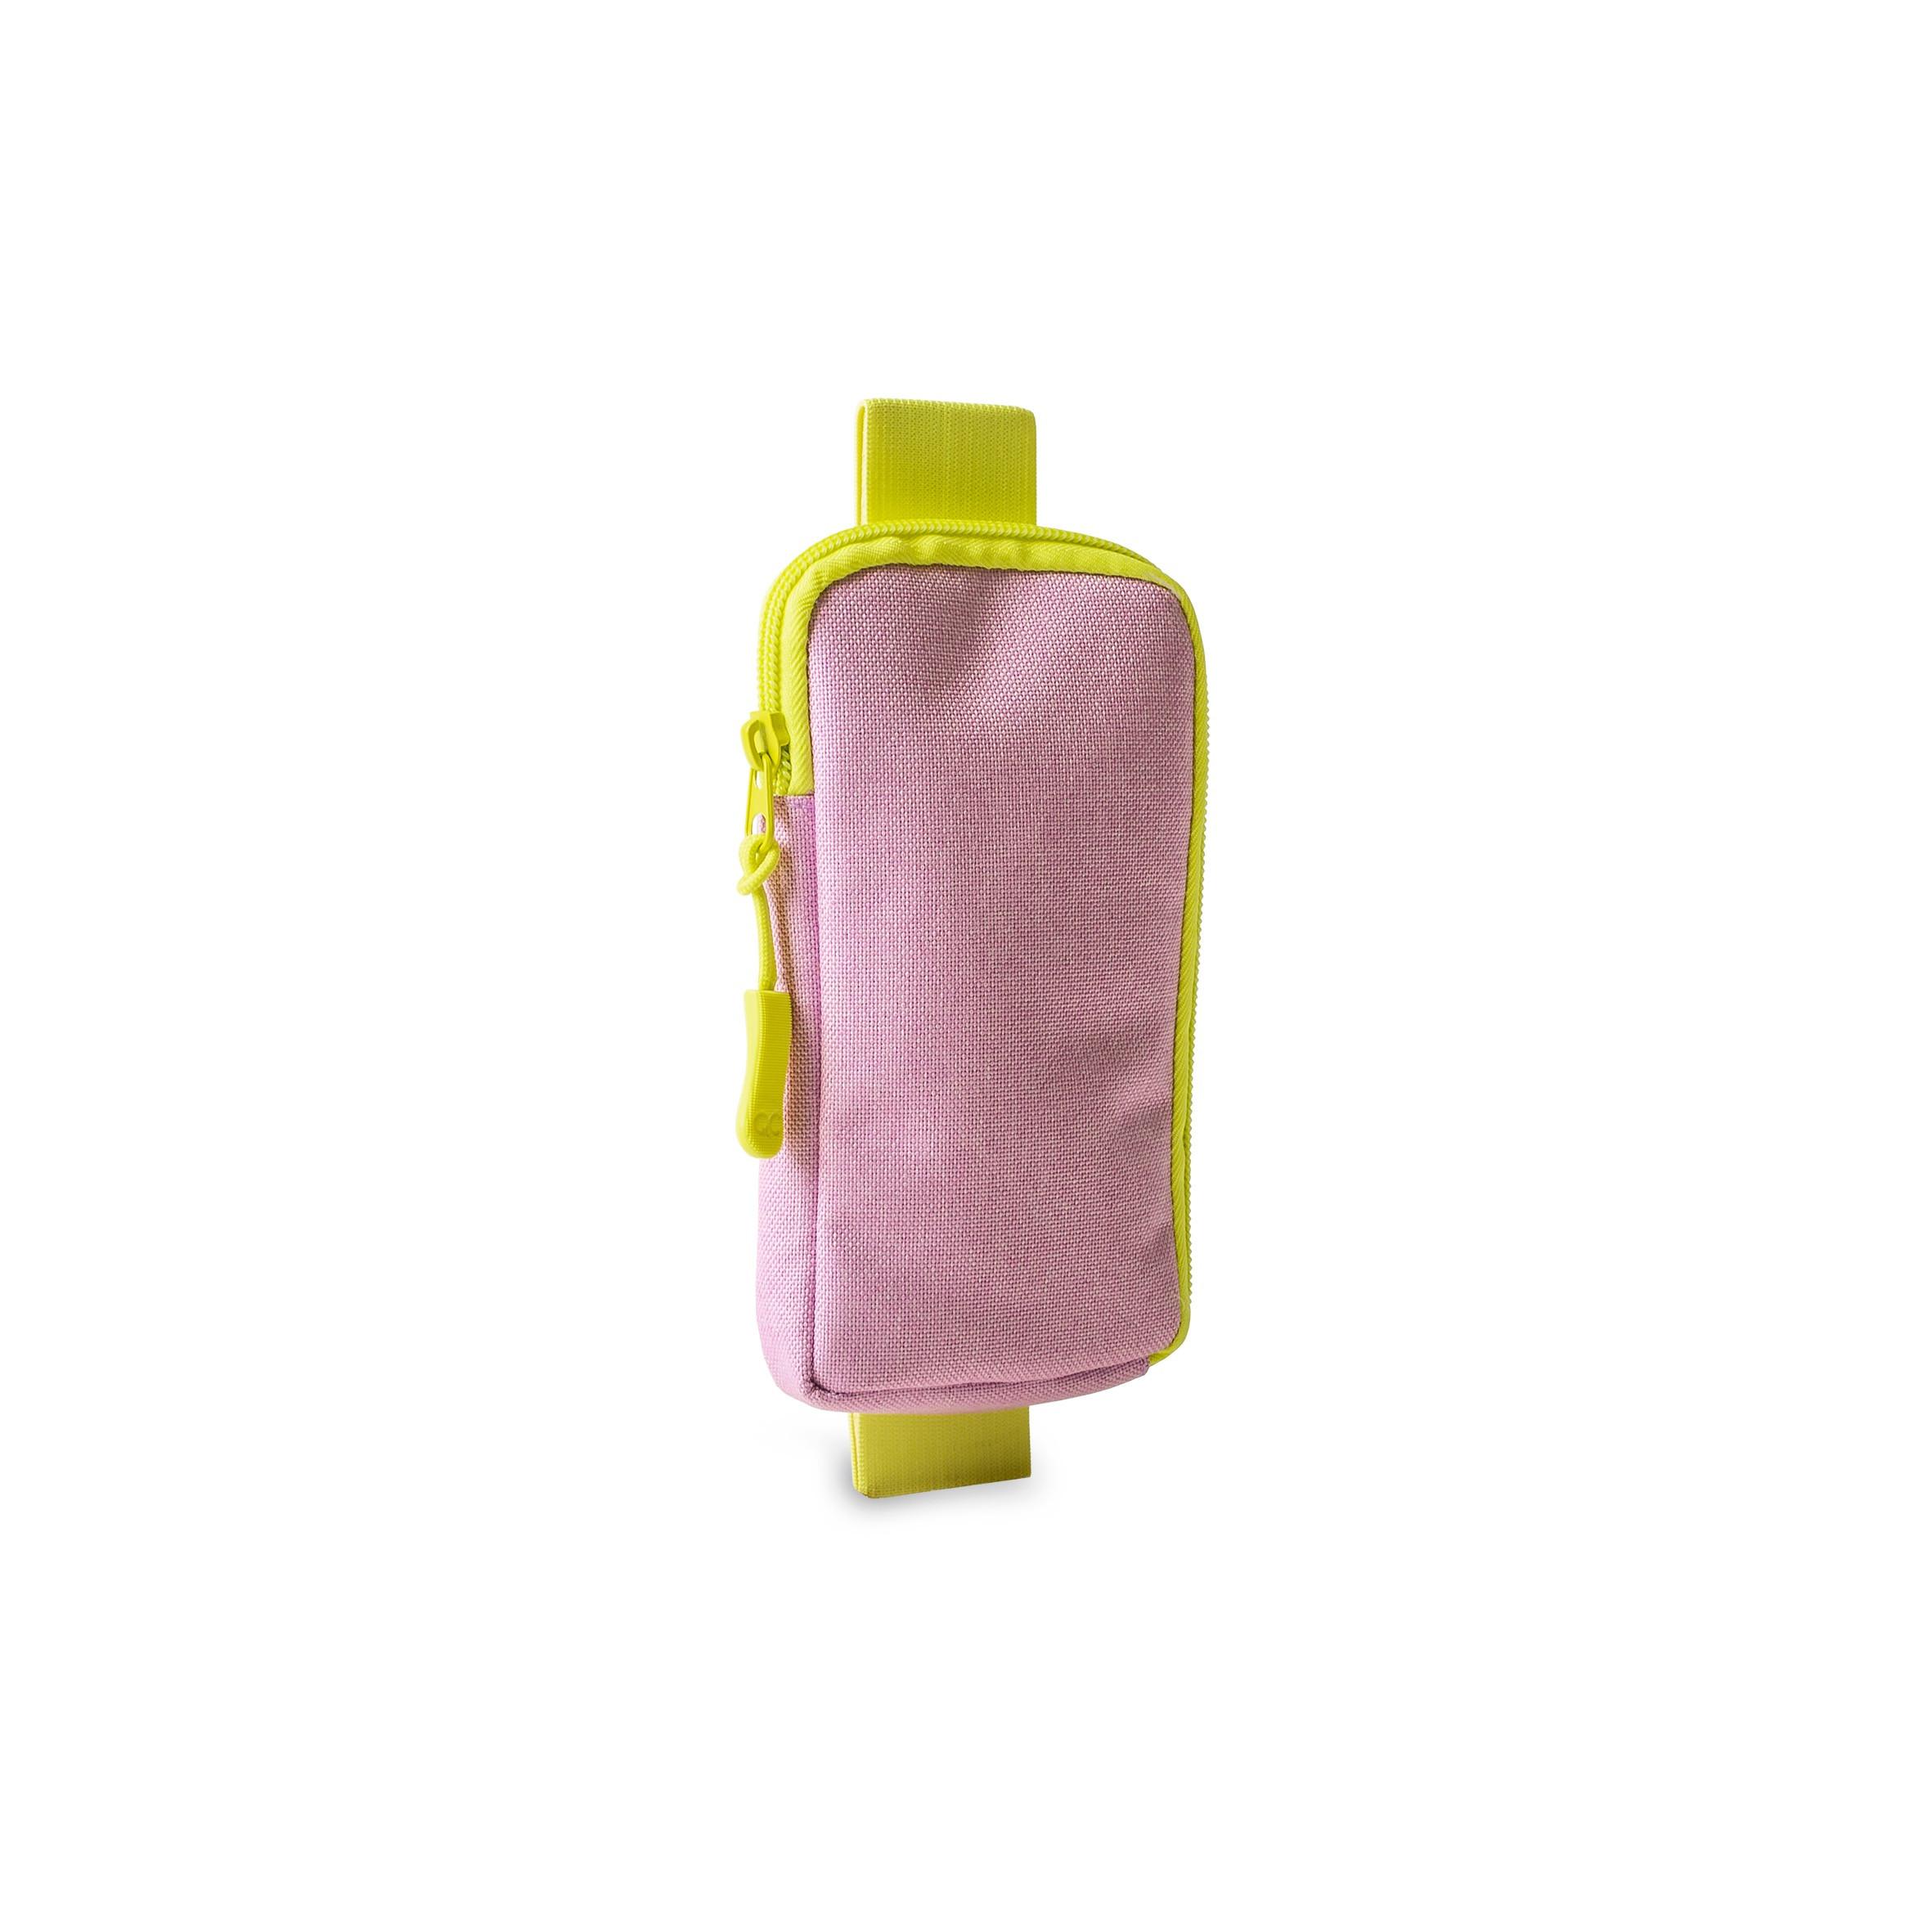 Notebooktasche mit Gummizug | Pink